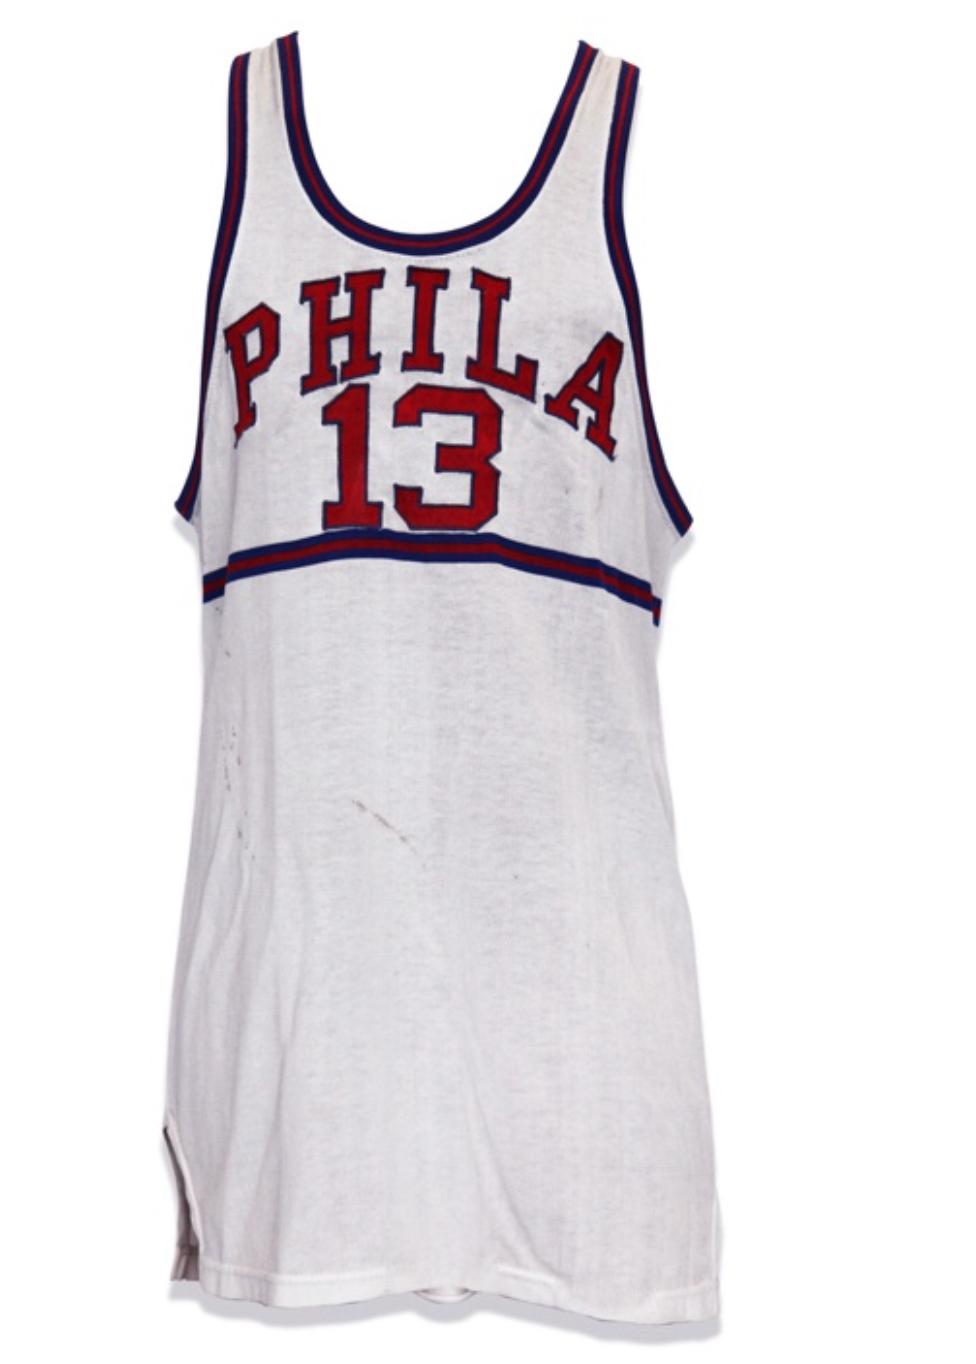 1959-60 Wilt Chamberlain Rookie Home Jersey